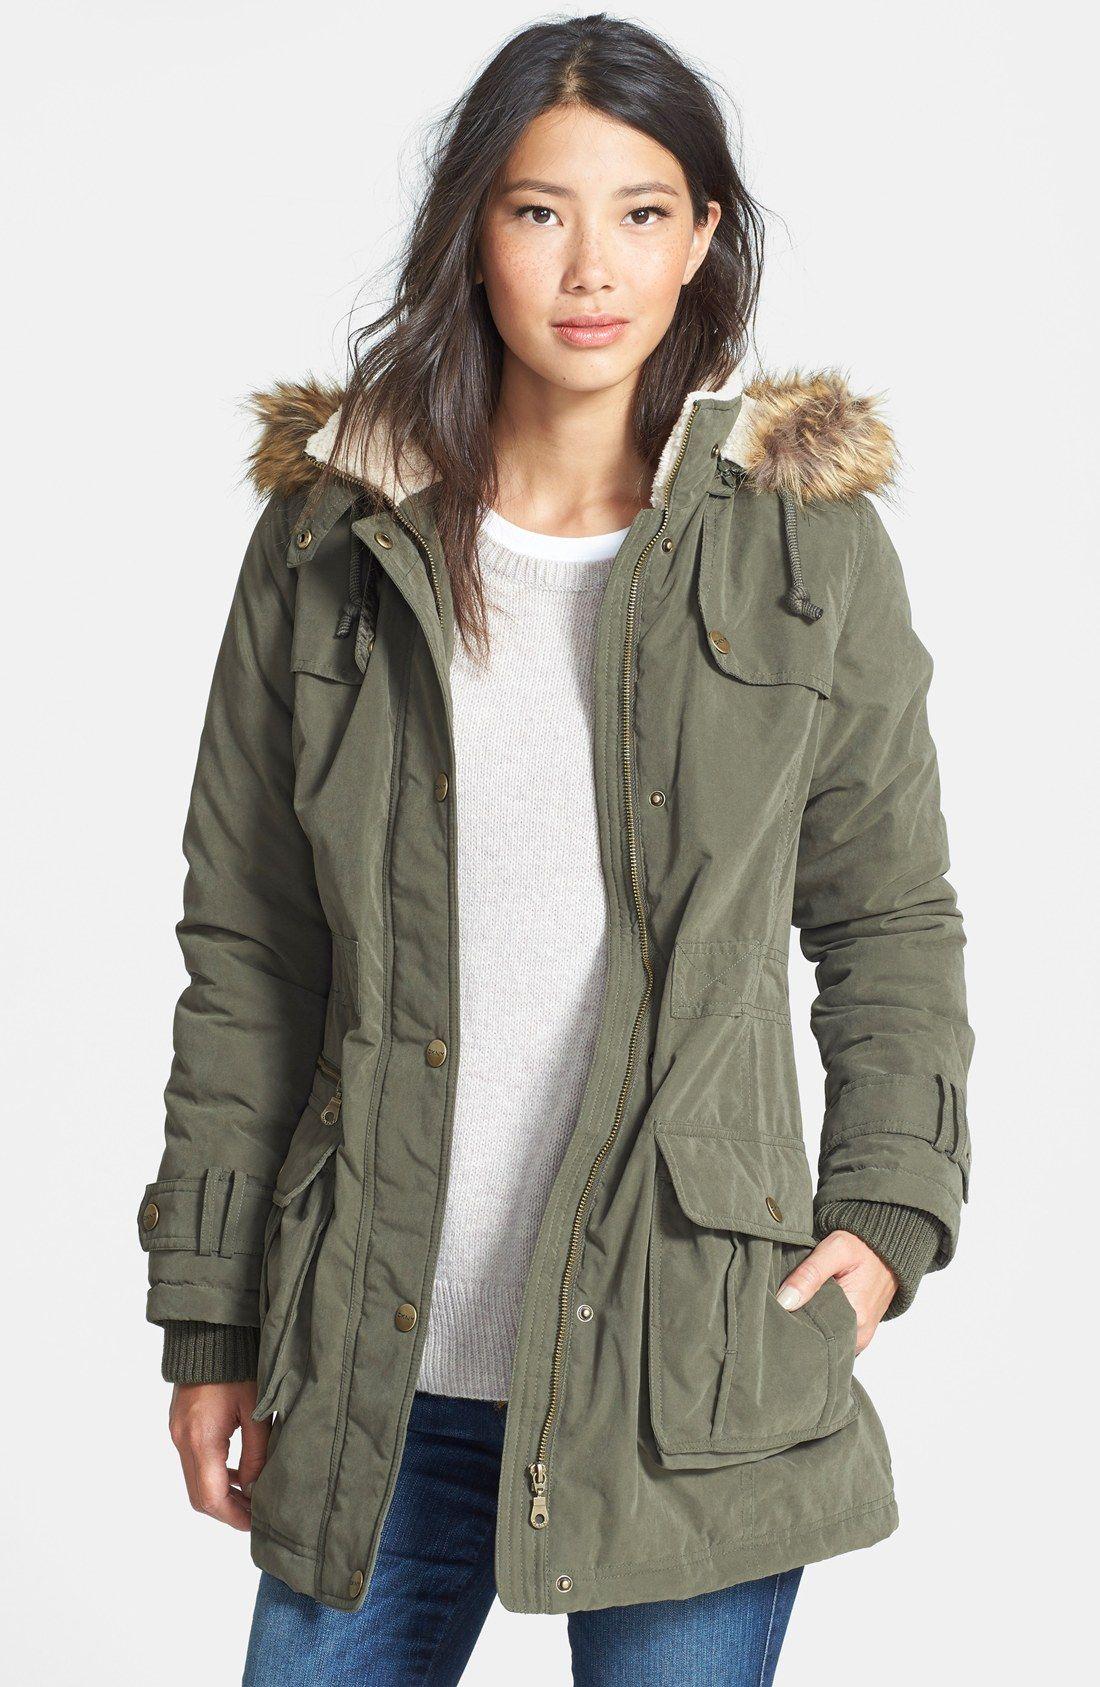 DKNY Faux Fur Trim Anorak (Regular & Petite) | Get in my closet ...